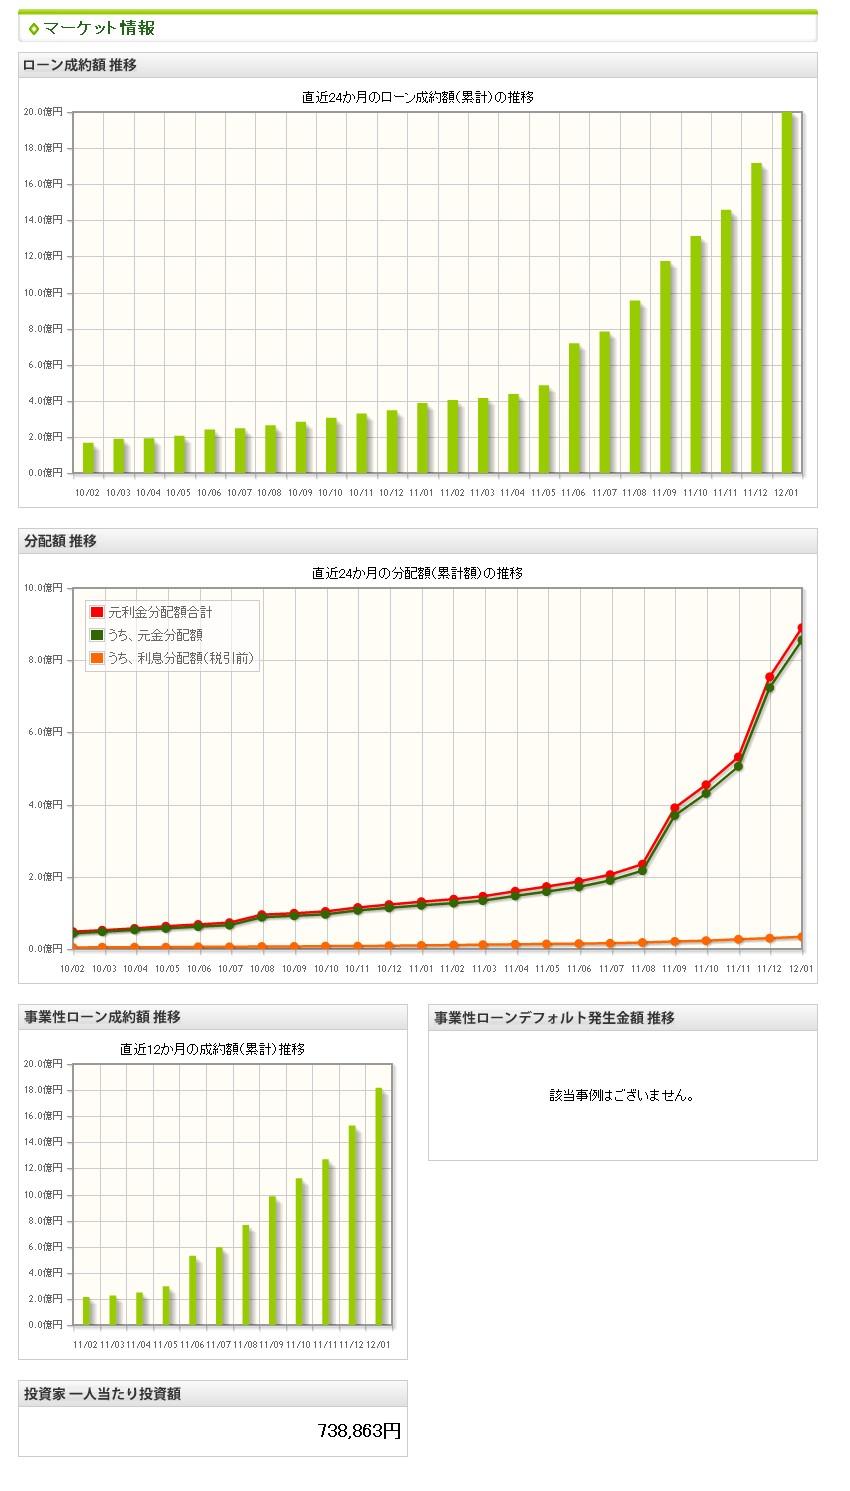 maneoマーケット情報201201